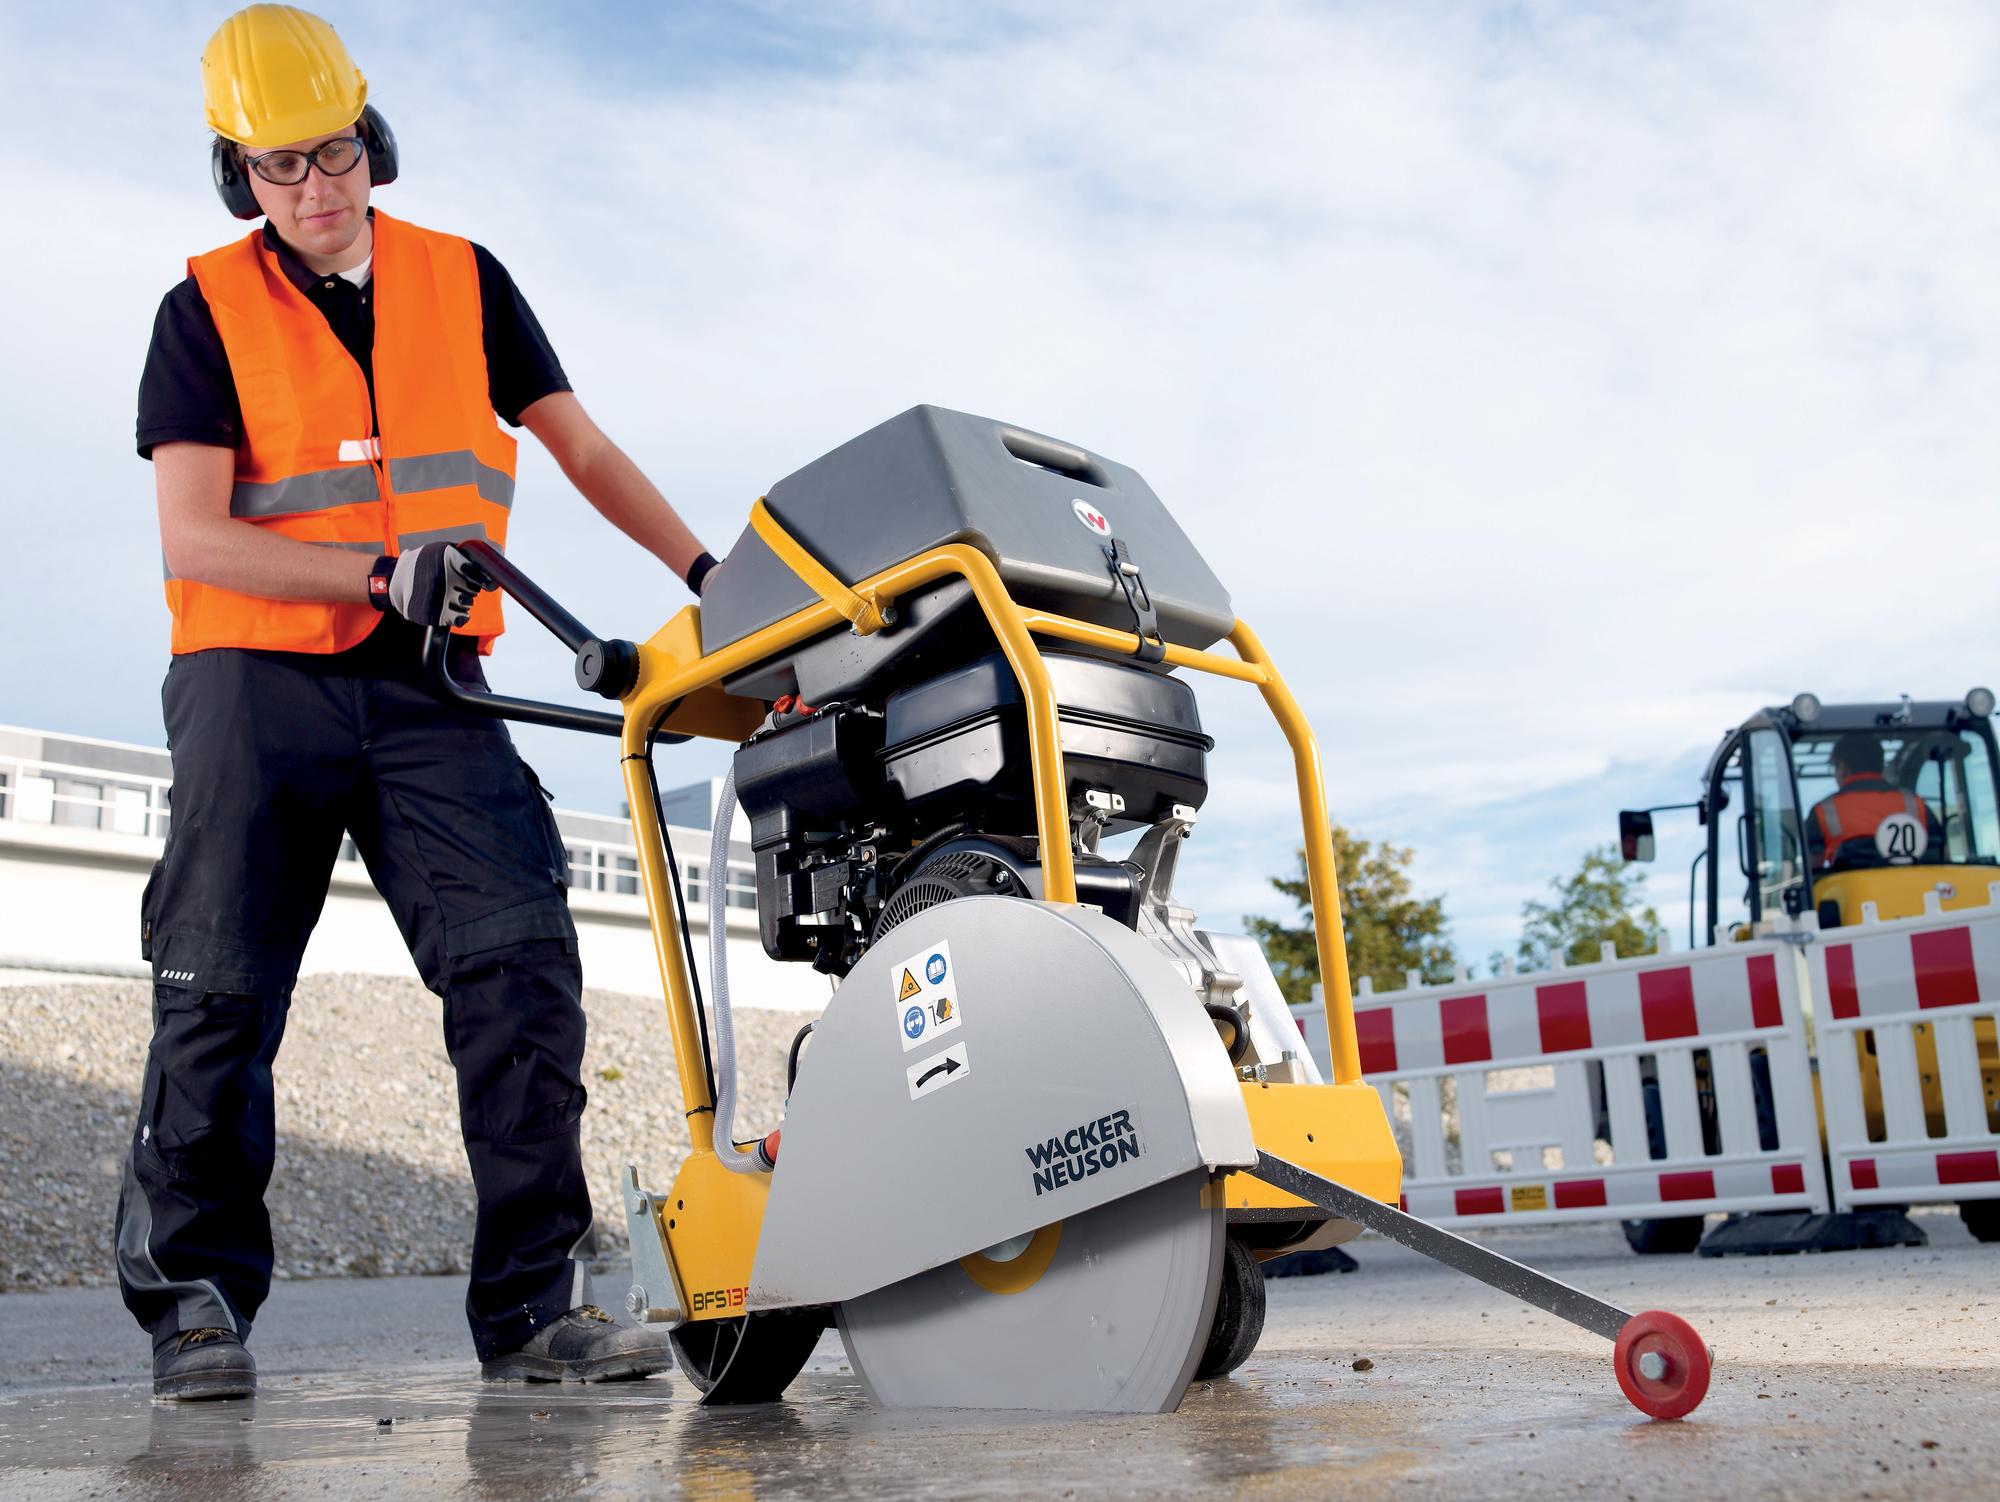 Jak wybrać dobrą piłę do cięcia betonu? Przegląd profesjonalnych pił dla najbardziej wymagających